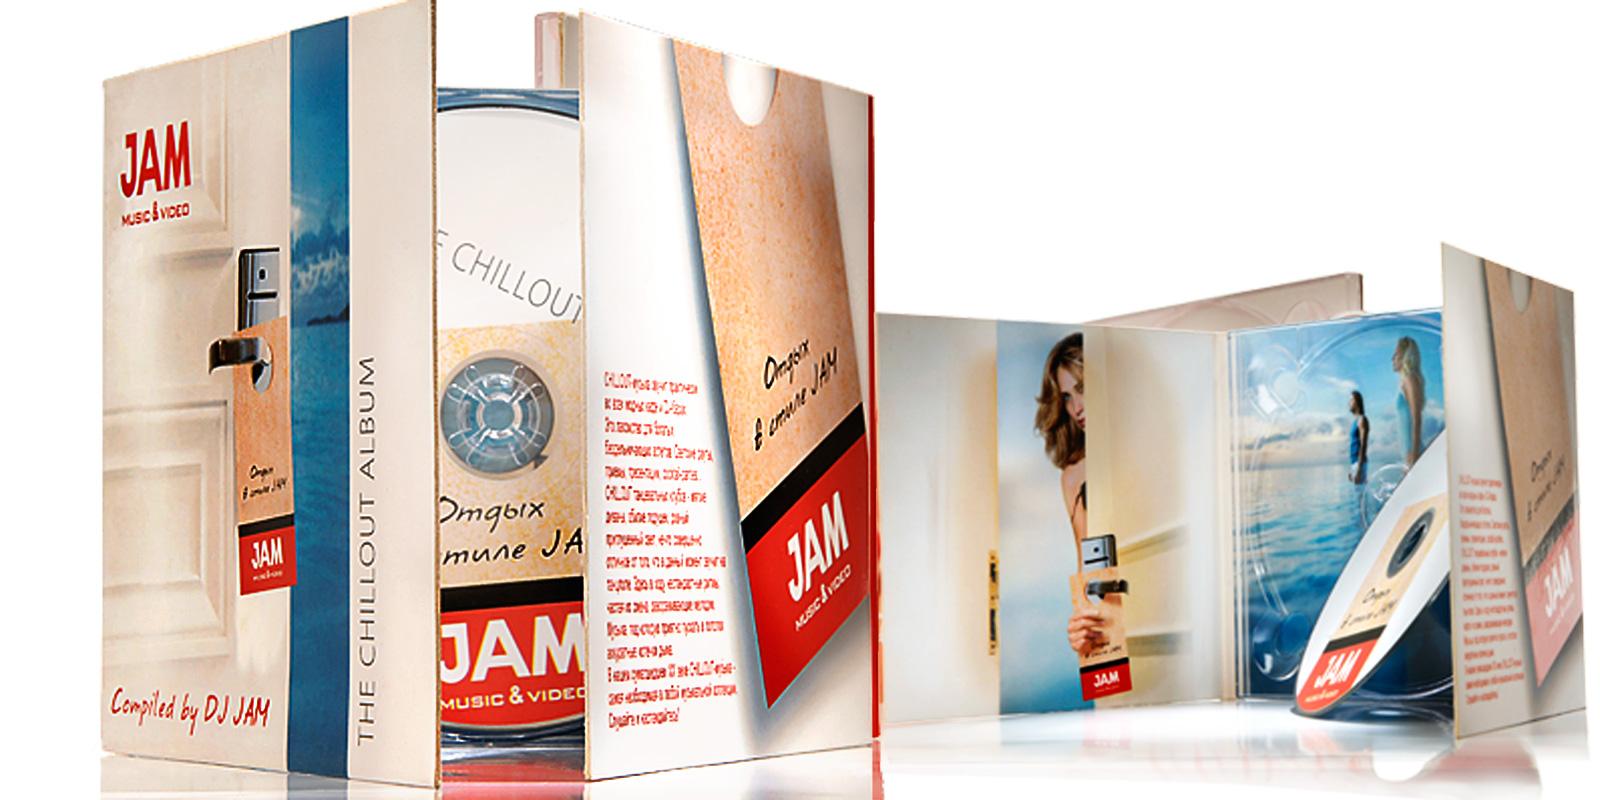 Сеть магазинов музыки и видео «JAM»;;;;;;Дизайн упаковки для подарочного CD-диска;;;;;;<span>Клиент:</span> Сеть магазинов музыки и видео «JAM»;;;;;;;;;;;;Дизайн упаковки для подарочного CD-диска;;;;;;1